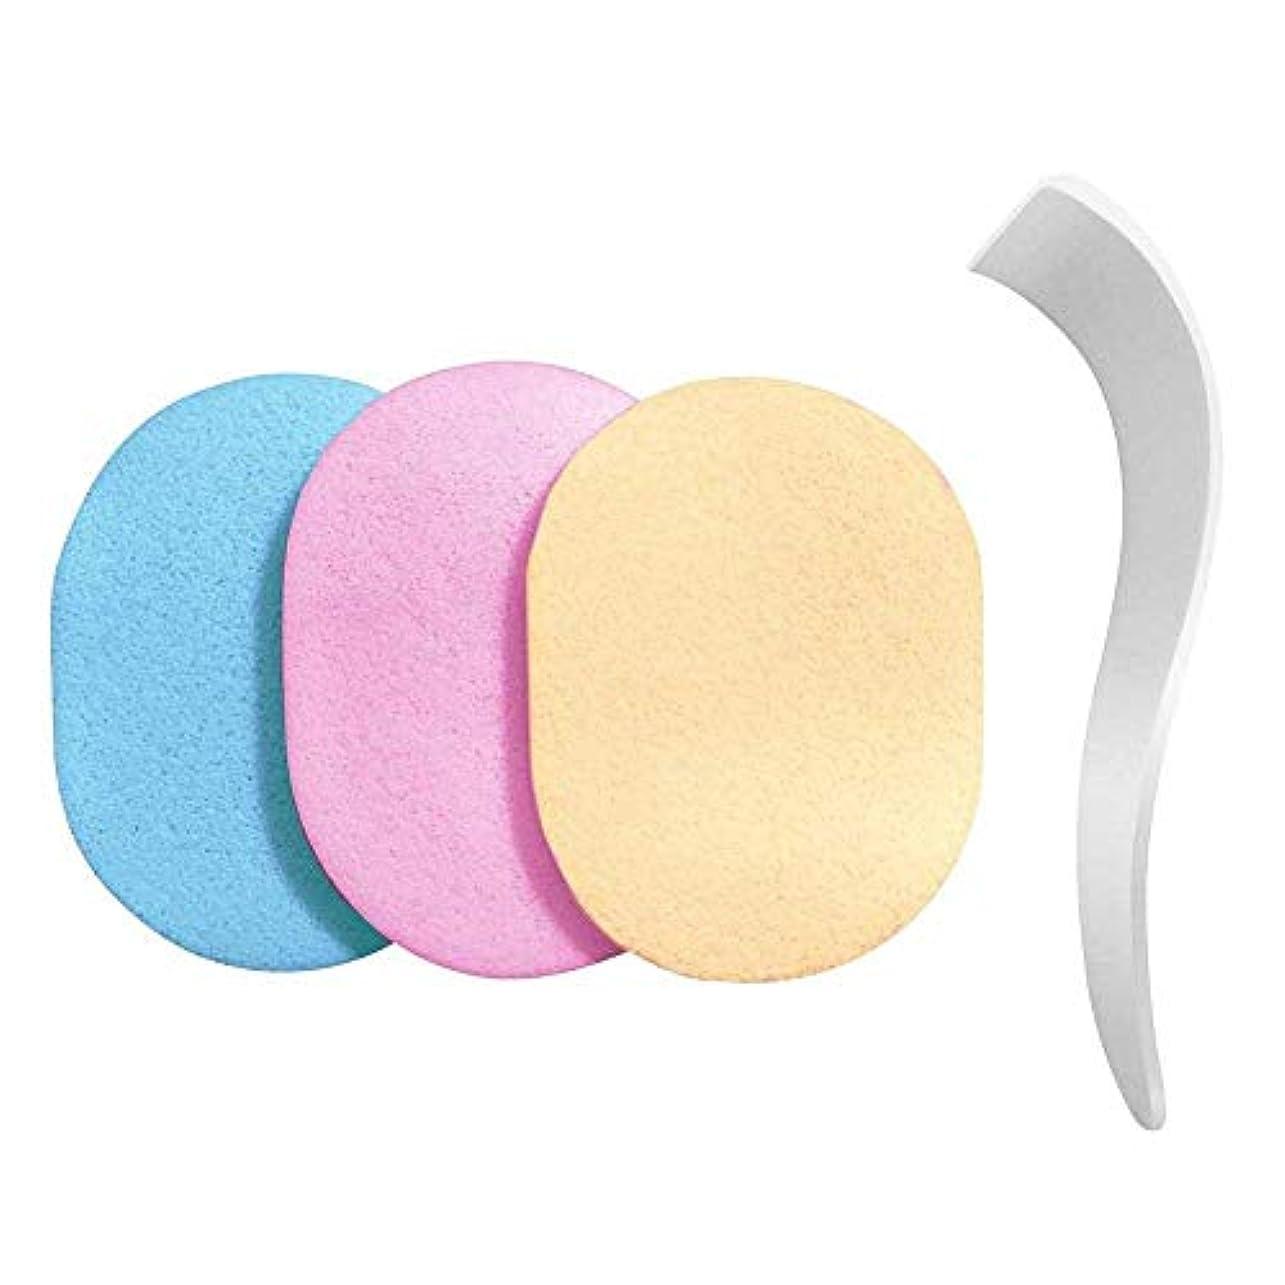 一時的注文方法Viffly 専用ヘラ スポンジ 洗って使える 3色セット 除毛クリーム専用 メンズ レディース【除毛用】